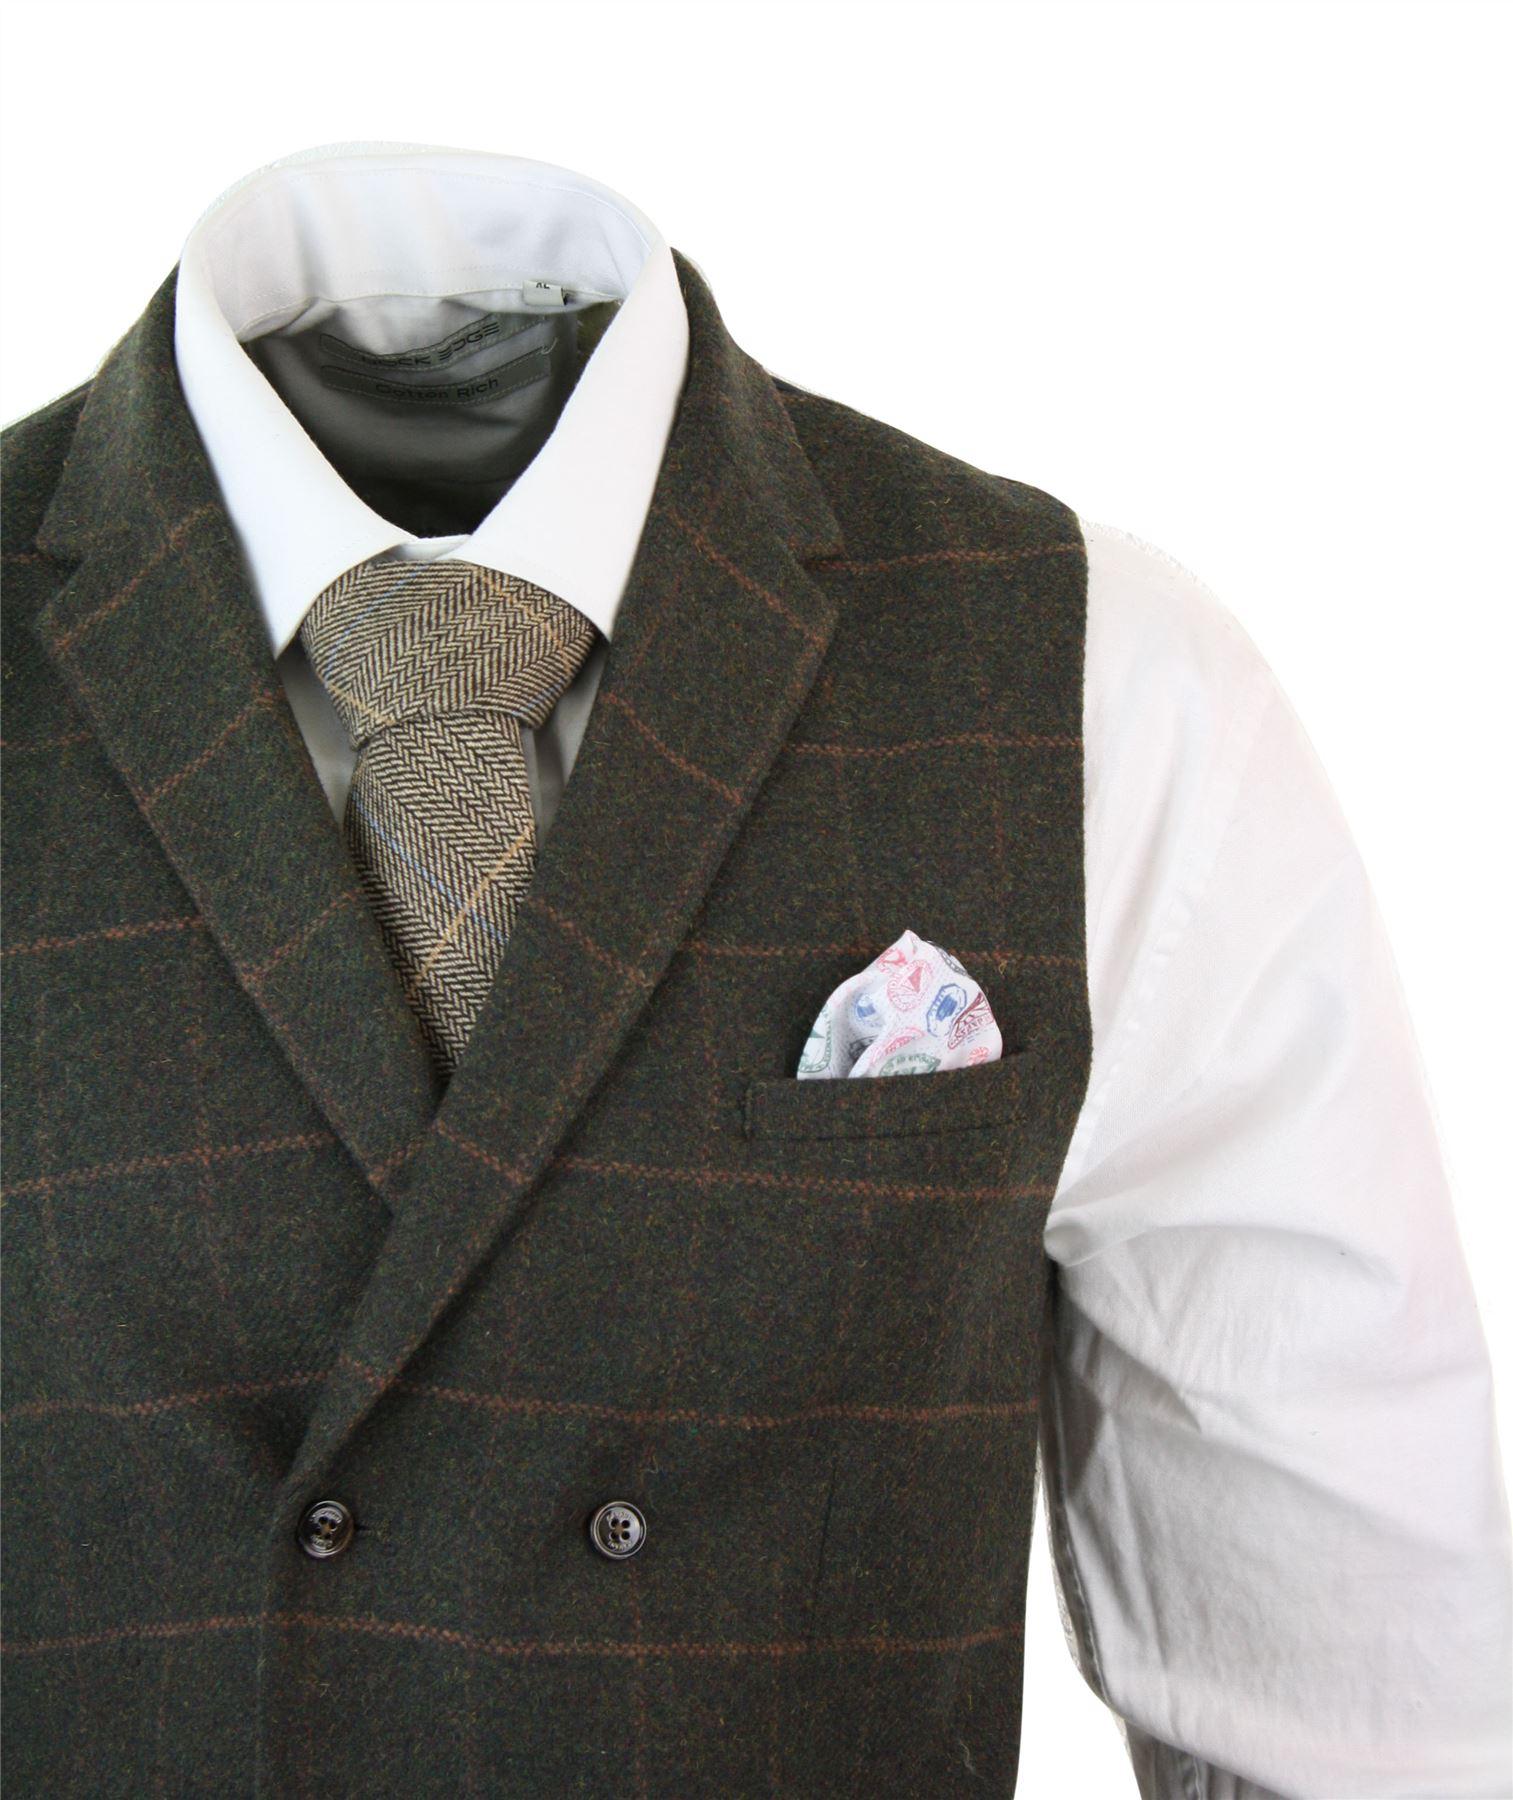 Mens-Double-Breasted-Herringbone-Tweed-Peaky-Blinders-Vintage-Check-Waistcoat miniatuur 18